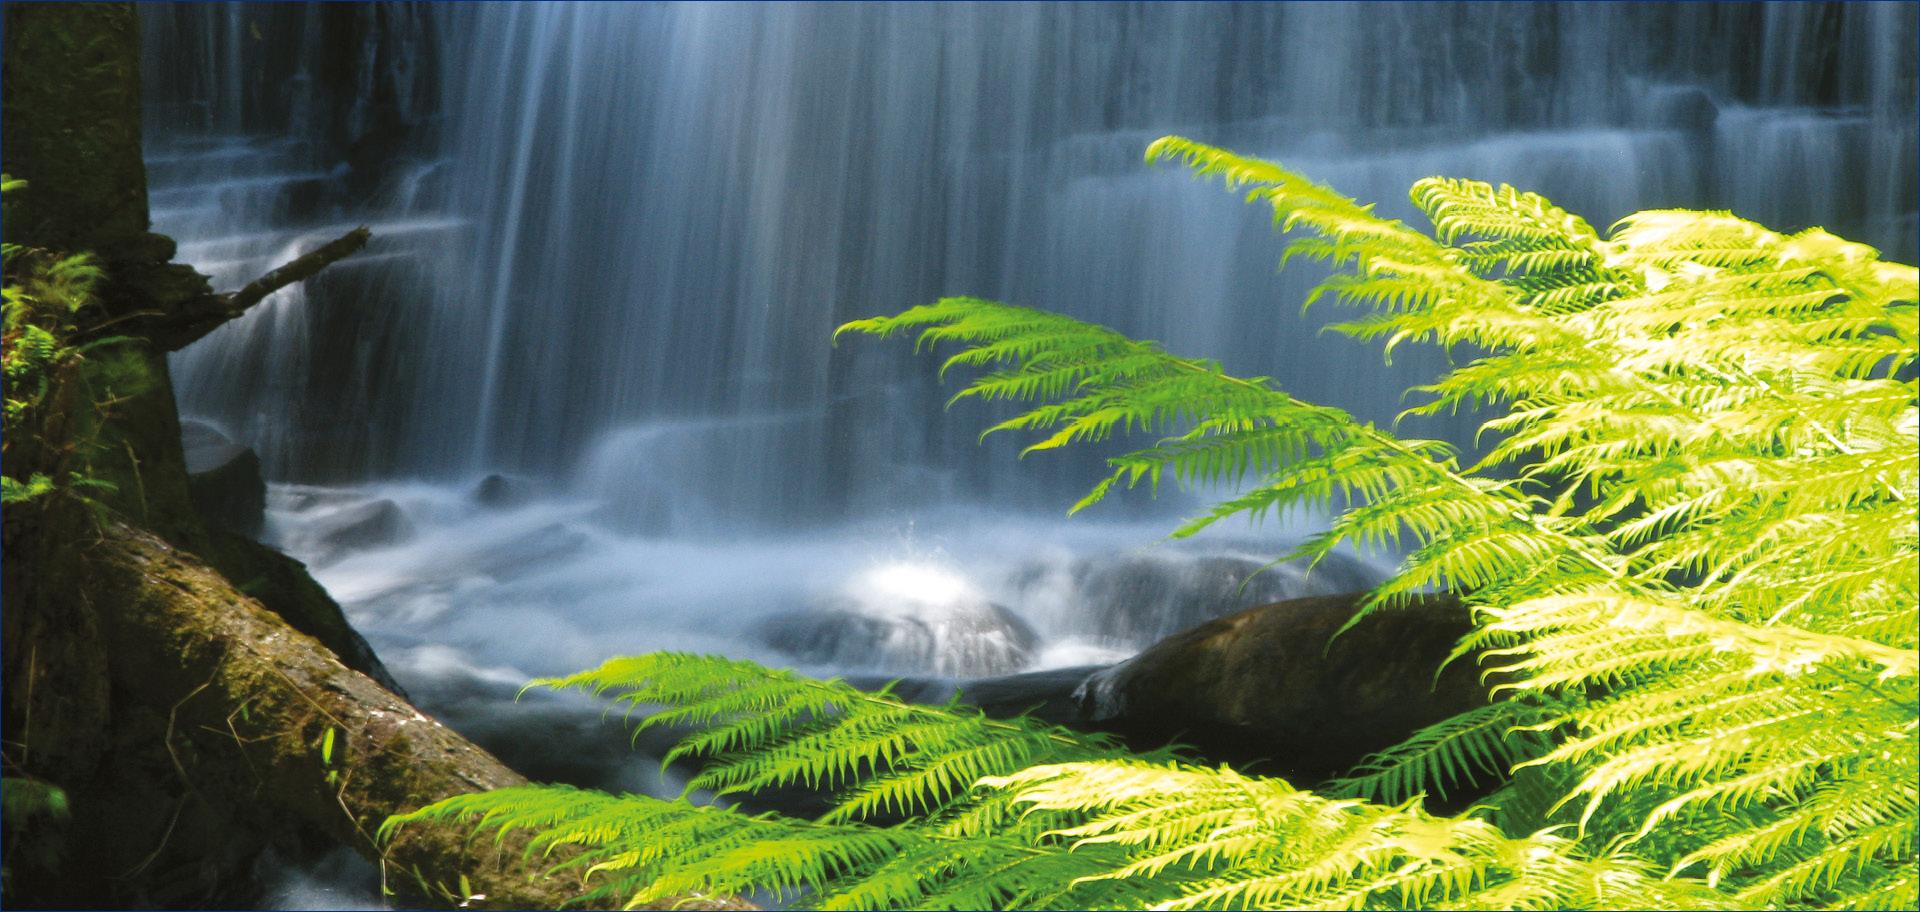 Salvalacqua _ Una nuova coscienza nell'uso dell'acqua